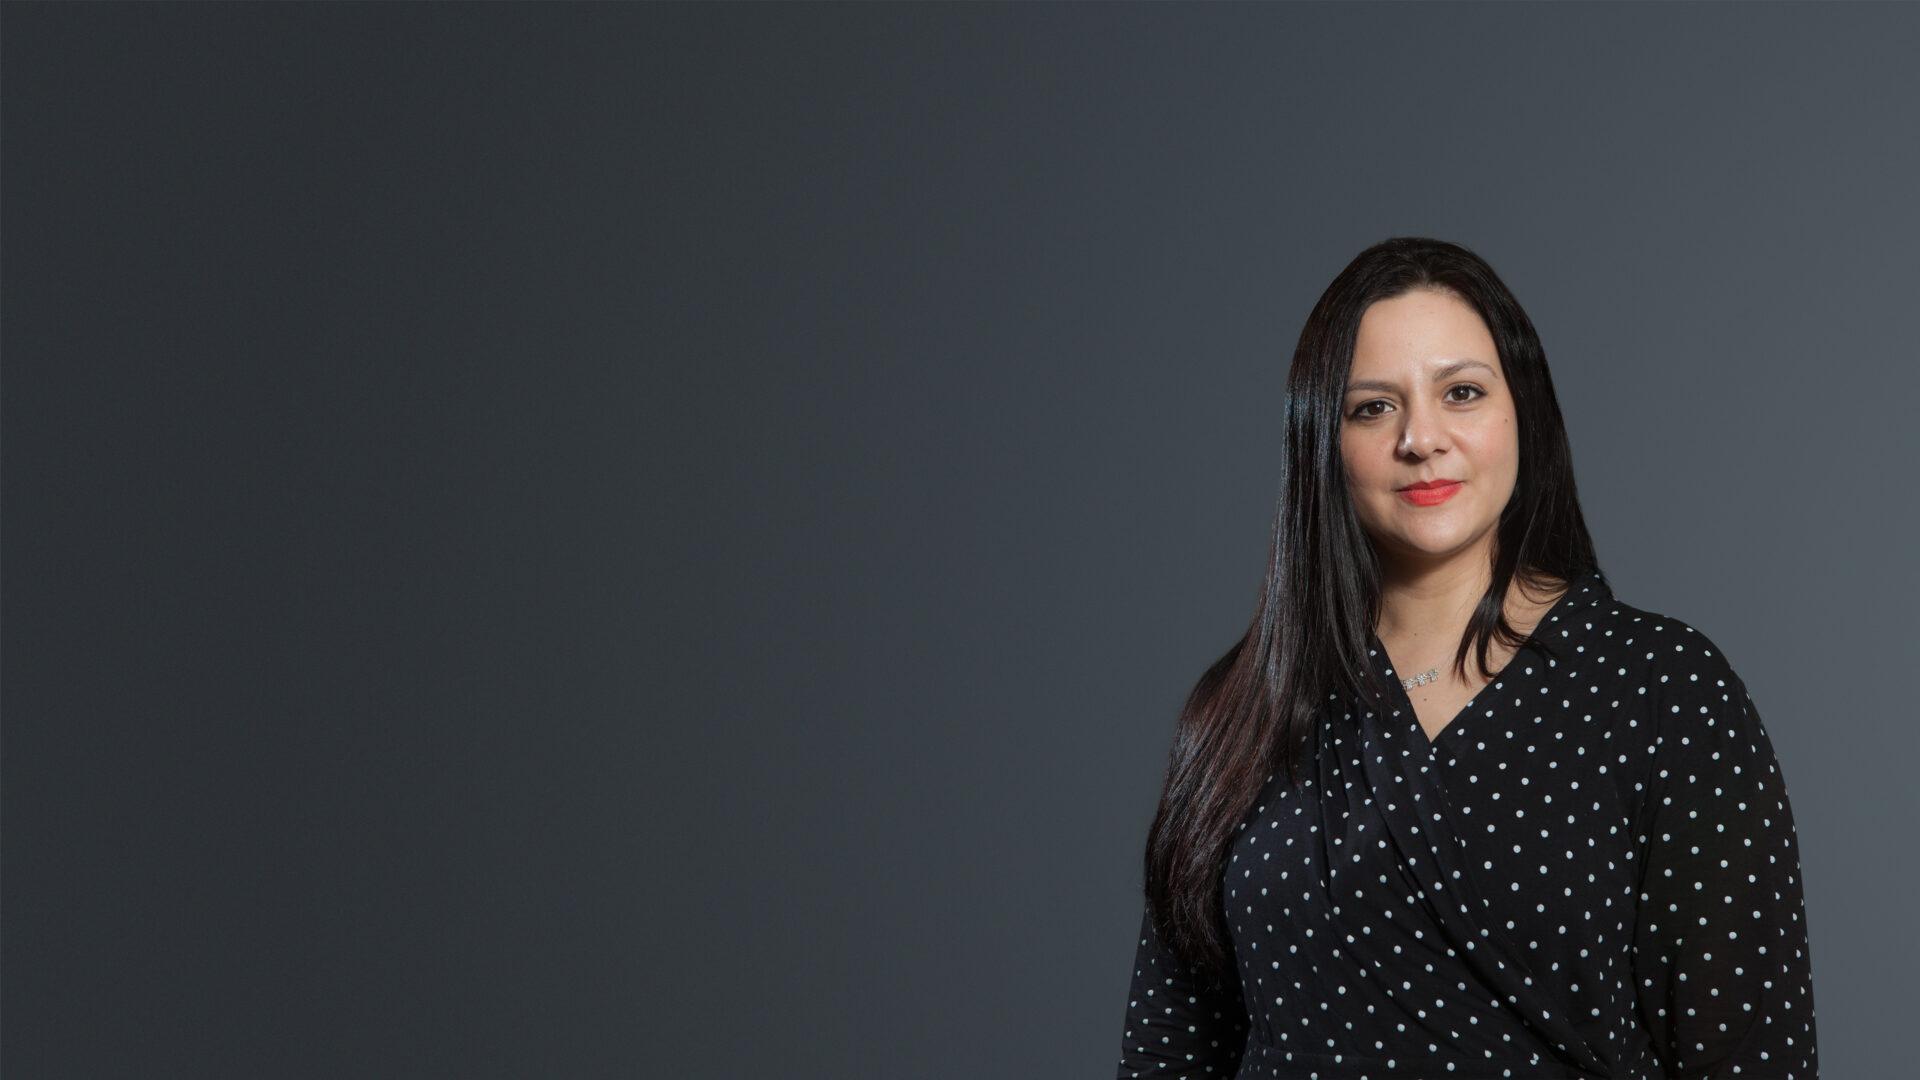 Valéria Wessel Souza Rangel de Paula